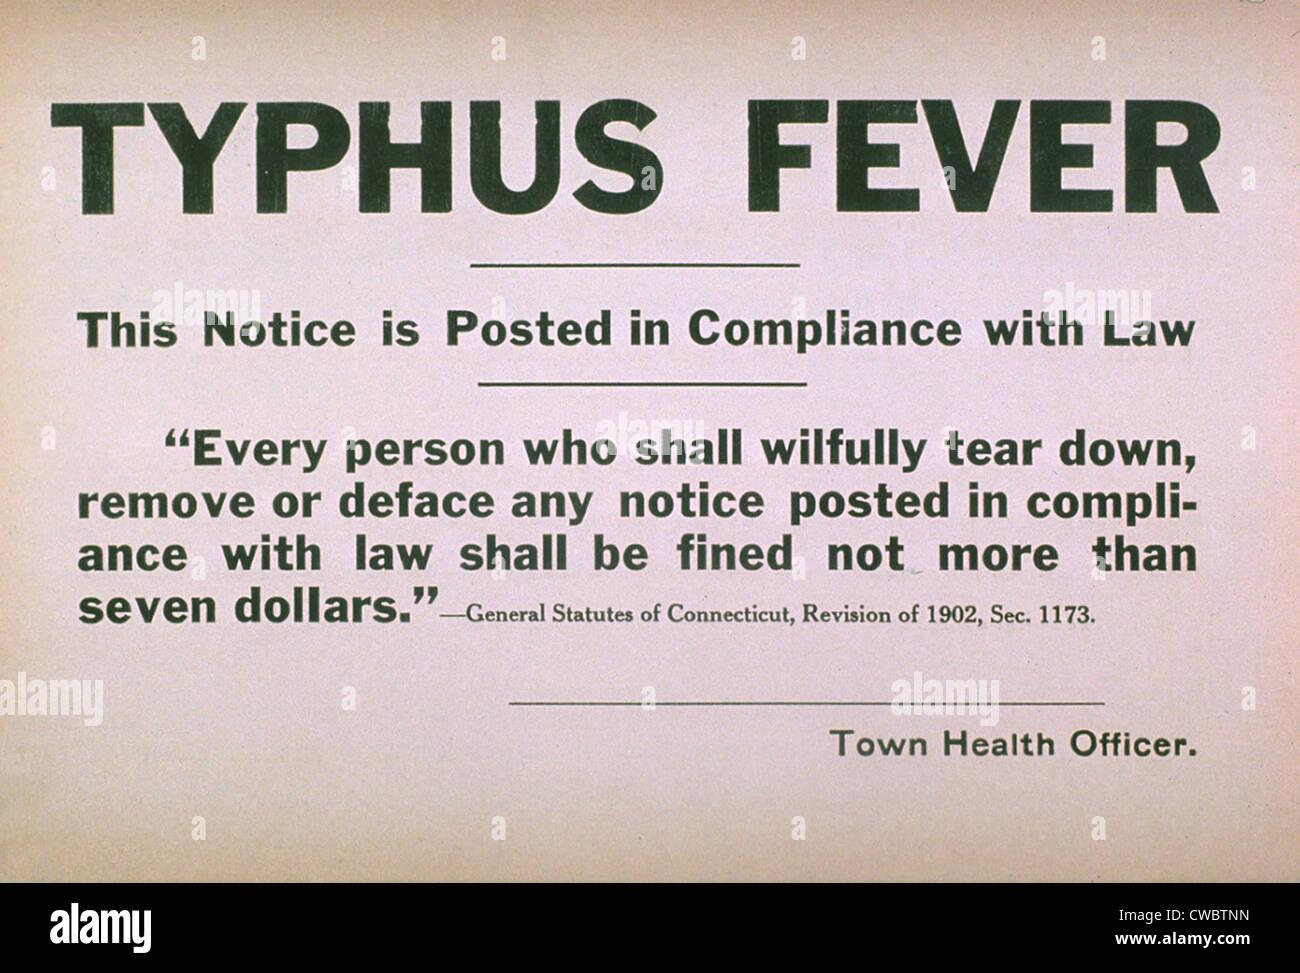 Nei primi anni del XX secolo segno di quarantena per la malattia contagiosa tifo febbre. Immagini Stock